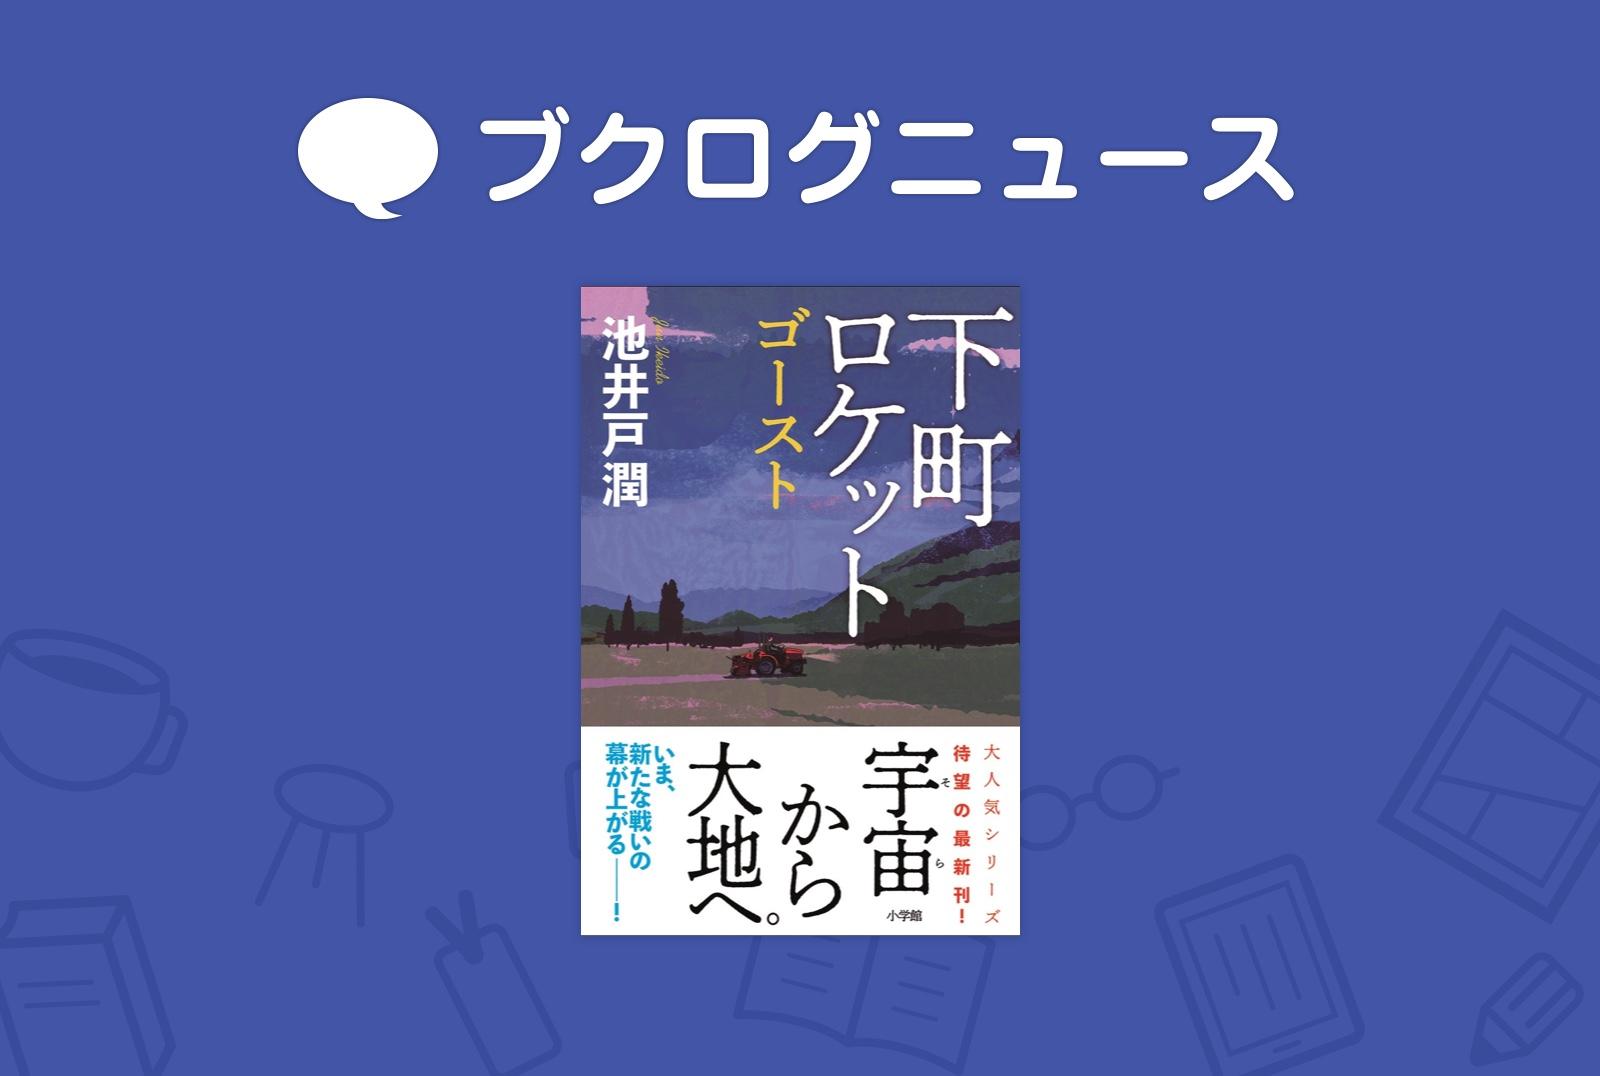 「下町ロケット」ドラマ続編決定&『下町ロケット ゴースト』発売開始